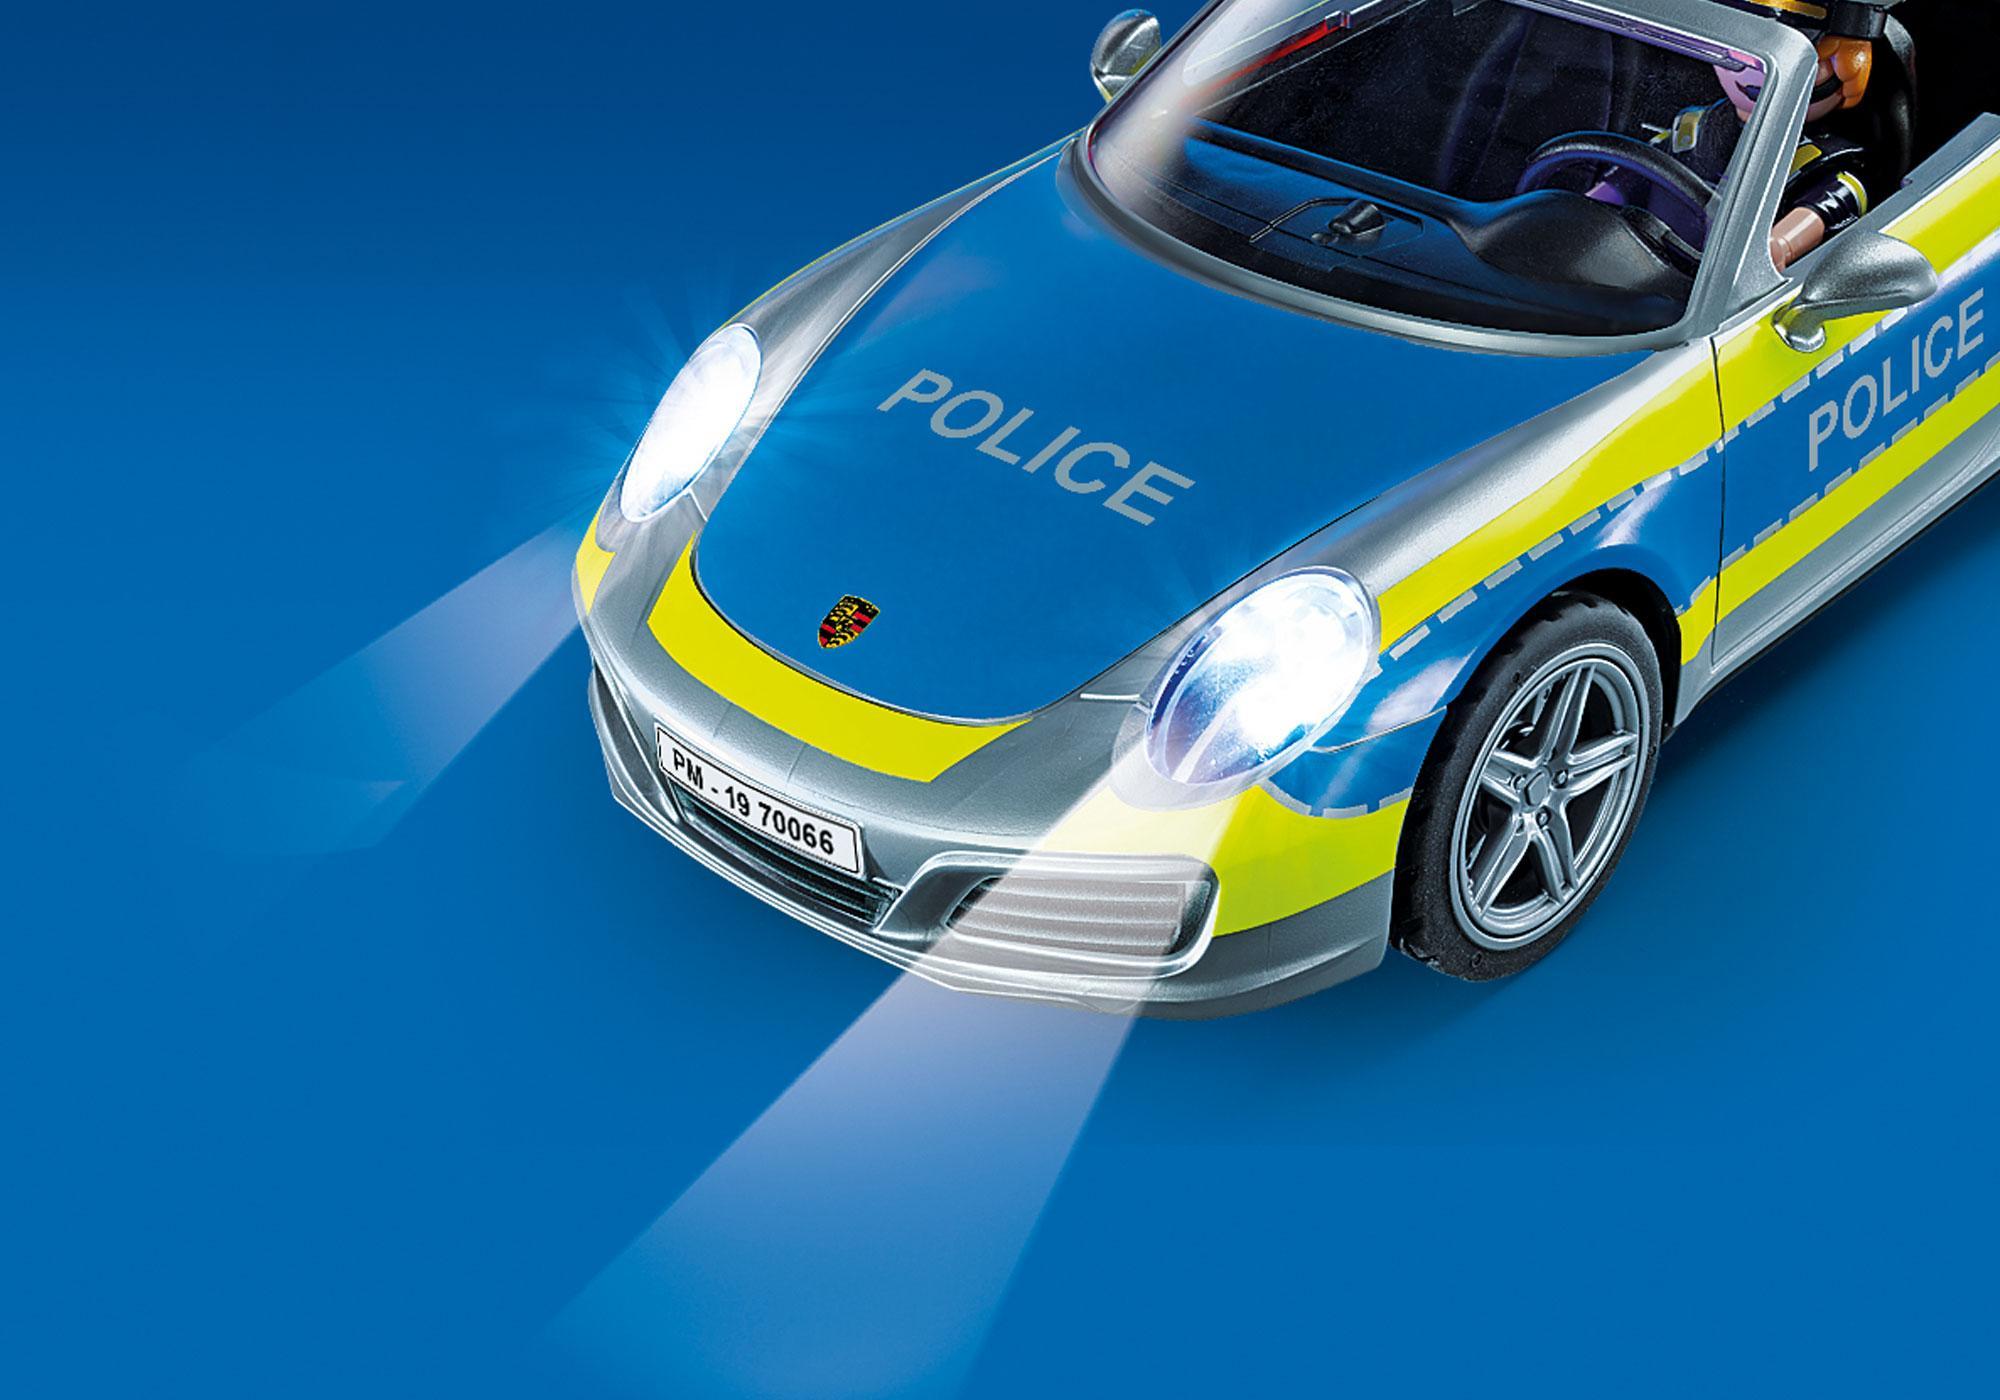 http://media.playmobil.com/i/playmobil/70066_product_extra2/Porsche 911 Carrera 4S Politie